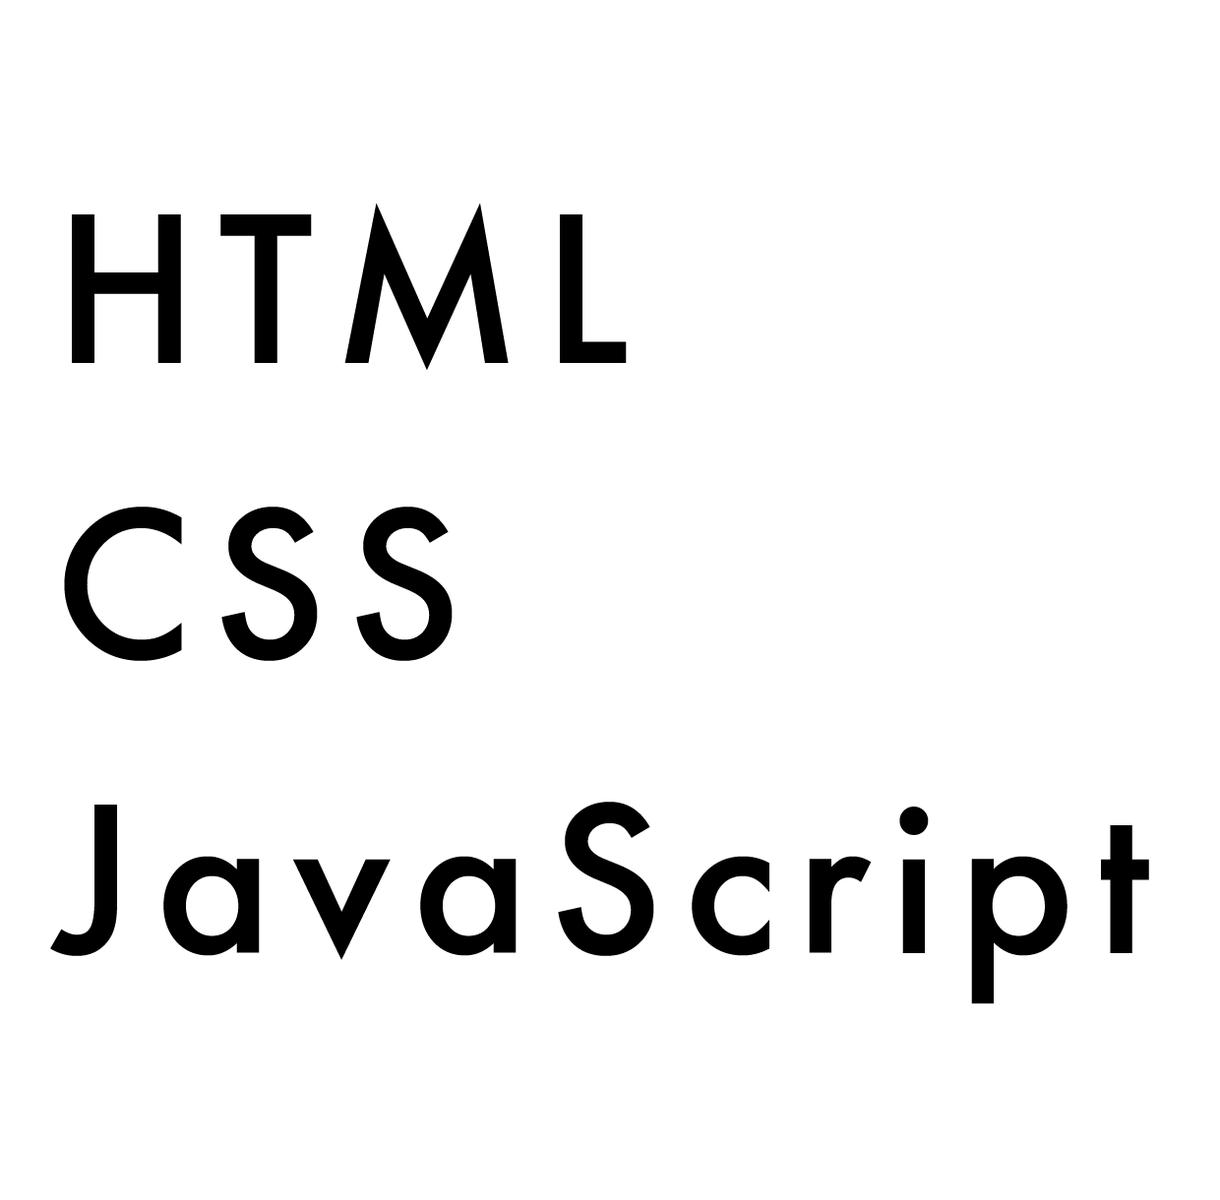 初心者向け ☆ HTML の質問にお答えします 元e-Learning専属チュータが質問にお答えします